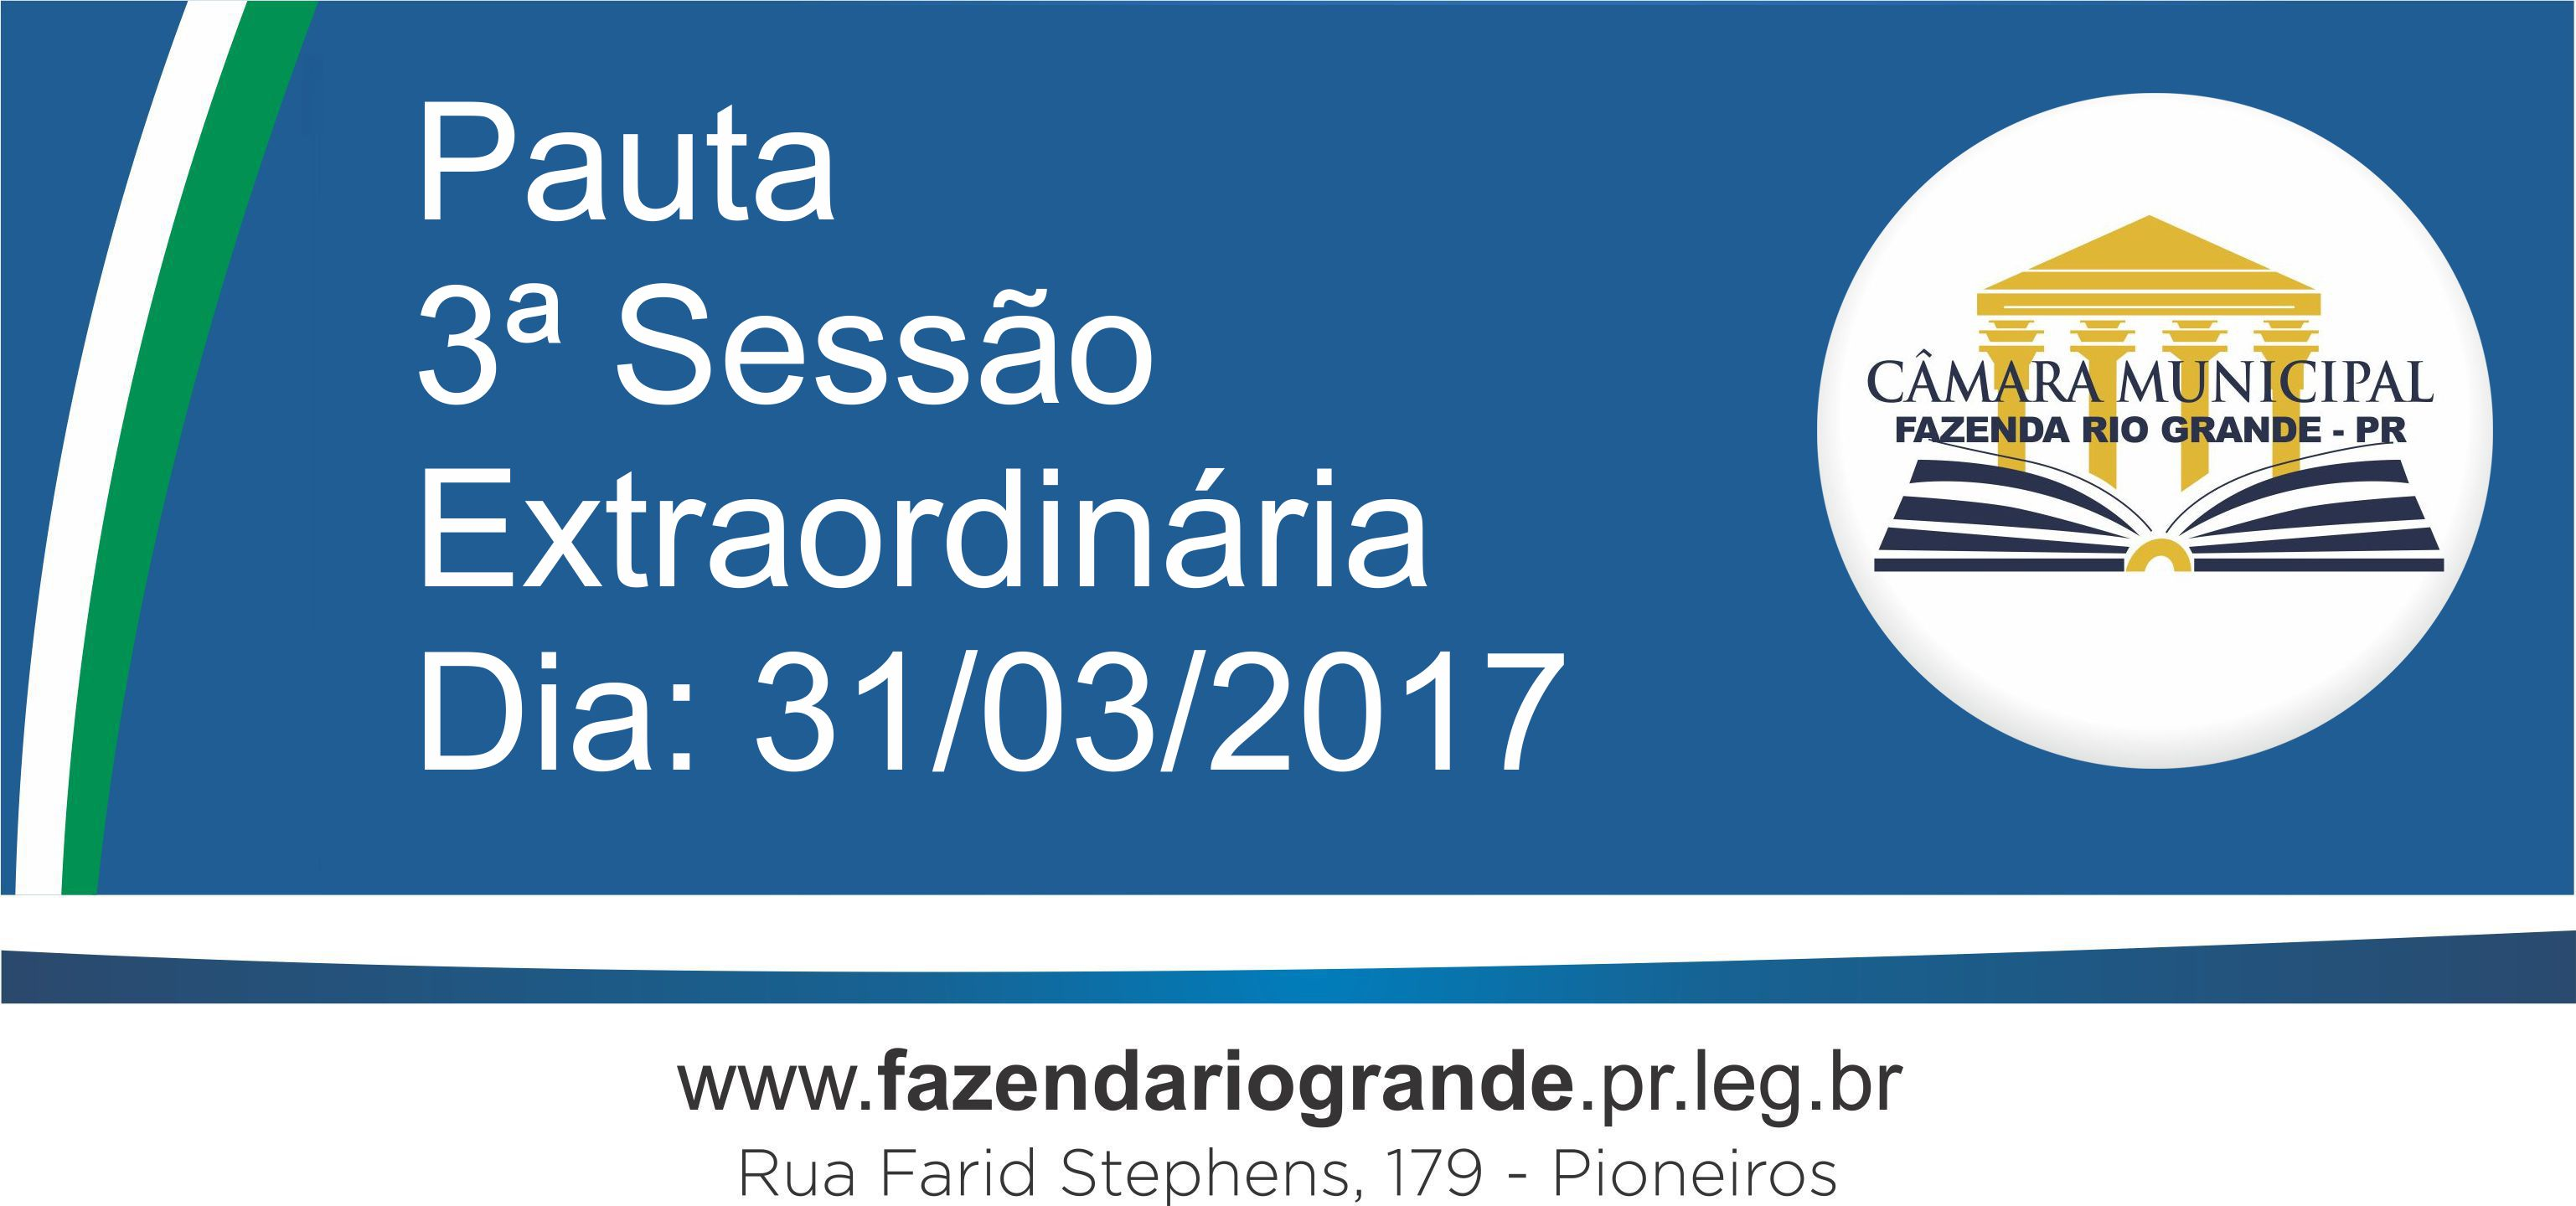 Pauta da 3ª Sessão Extraordinária 31/03/2017